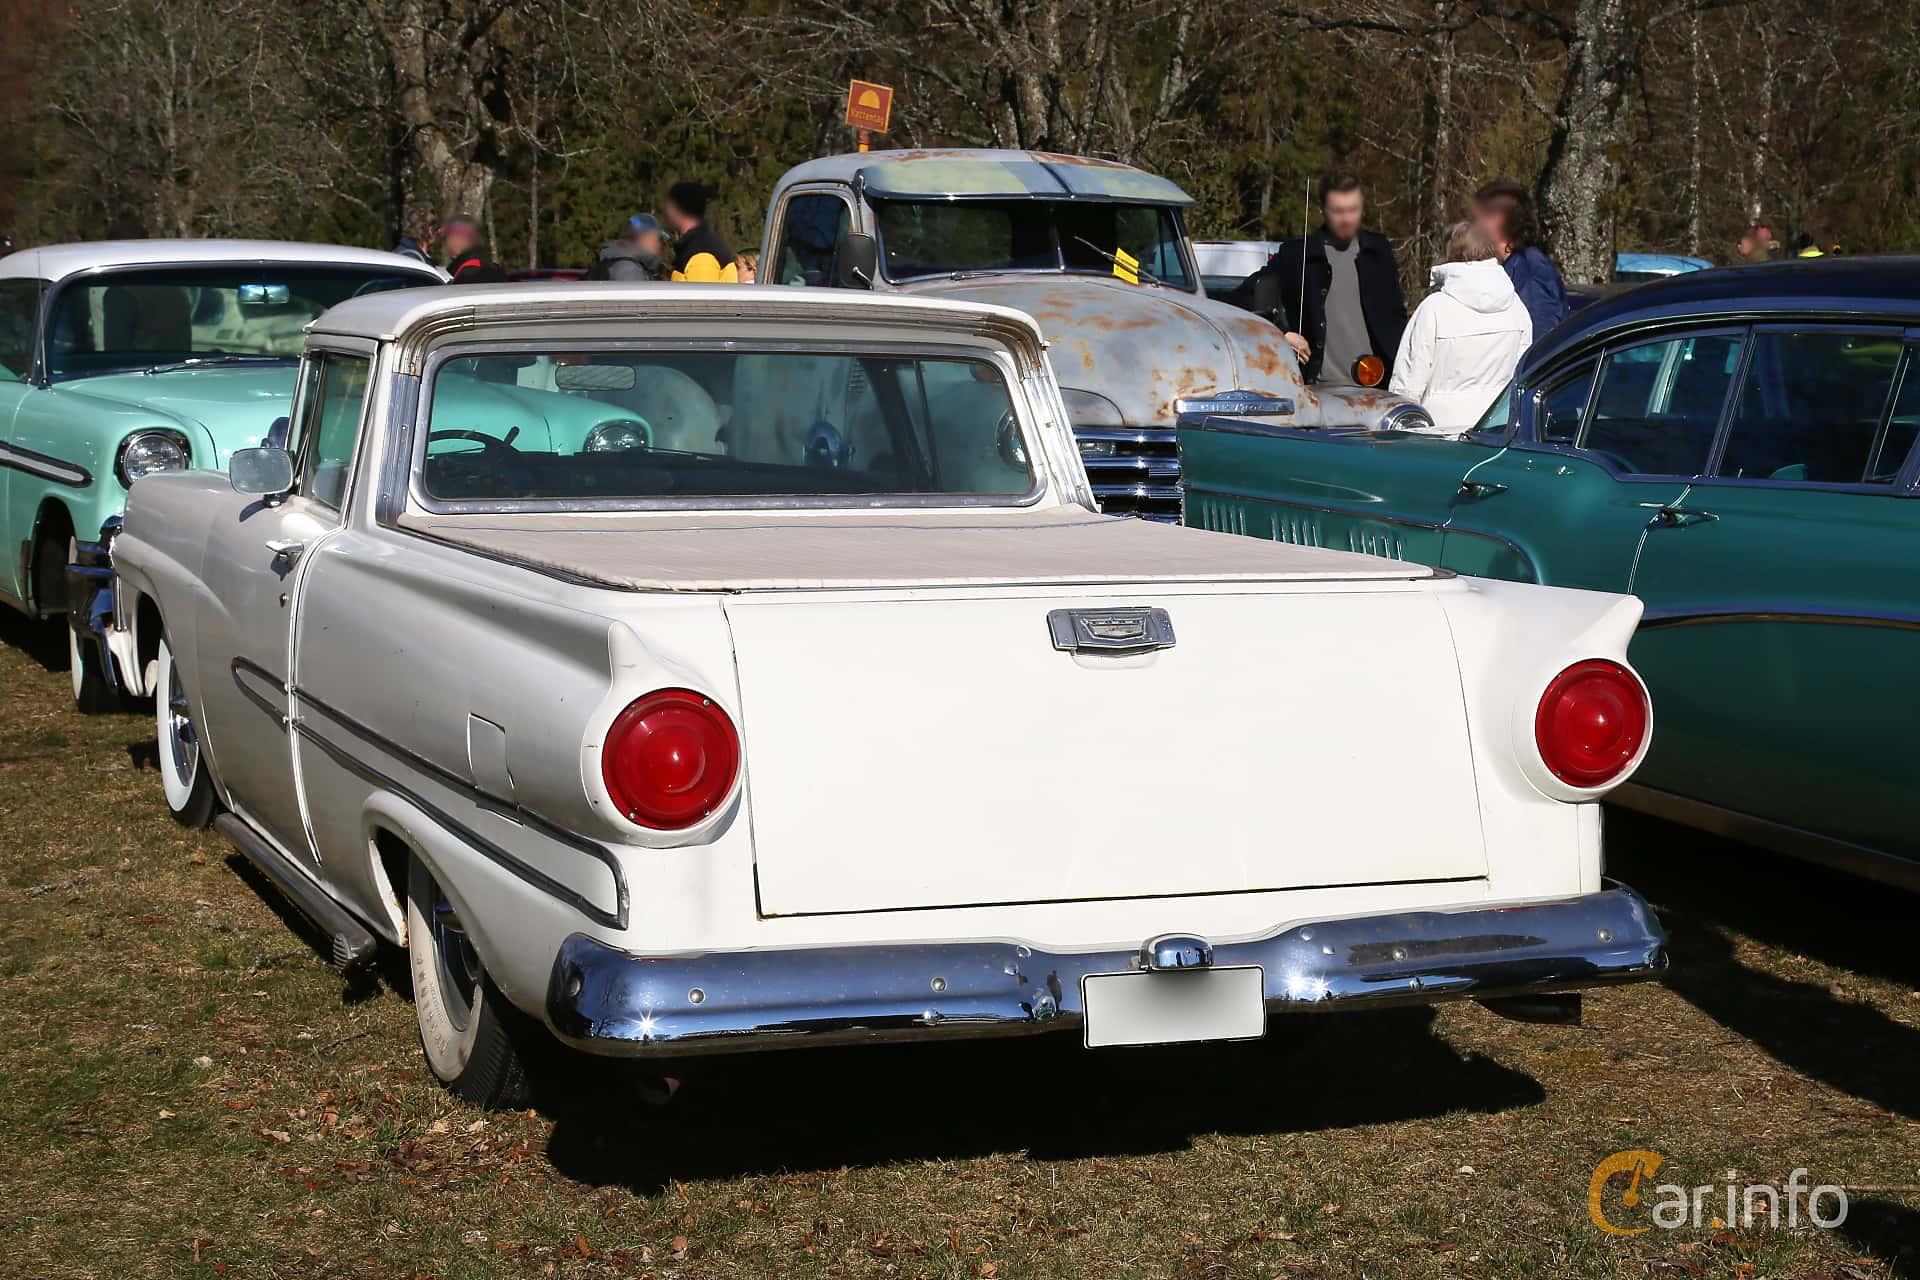 Ford Ranchero Custom 4.8 V8 Automatic, 208hp, 1958 at Uddevalla Veteranbilsmarknad Backamo, Ljungsk 2019